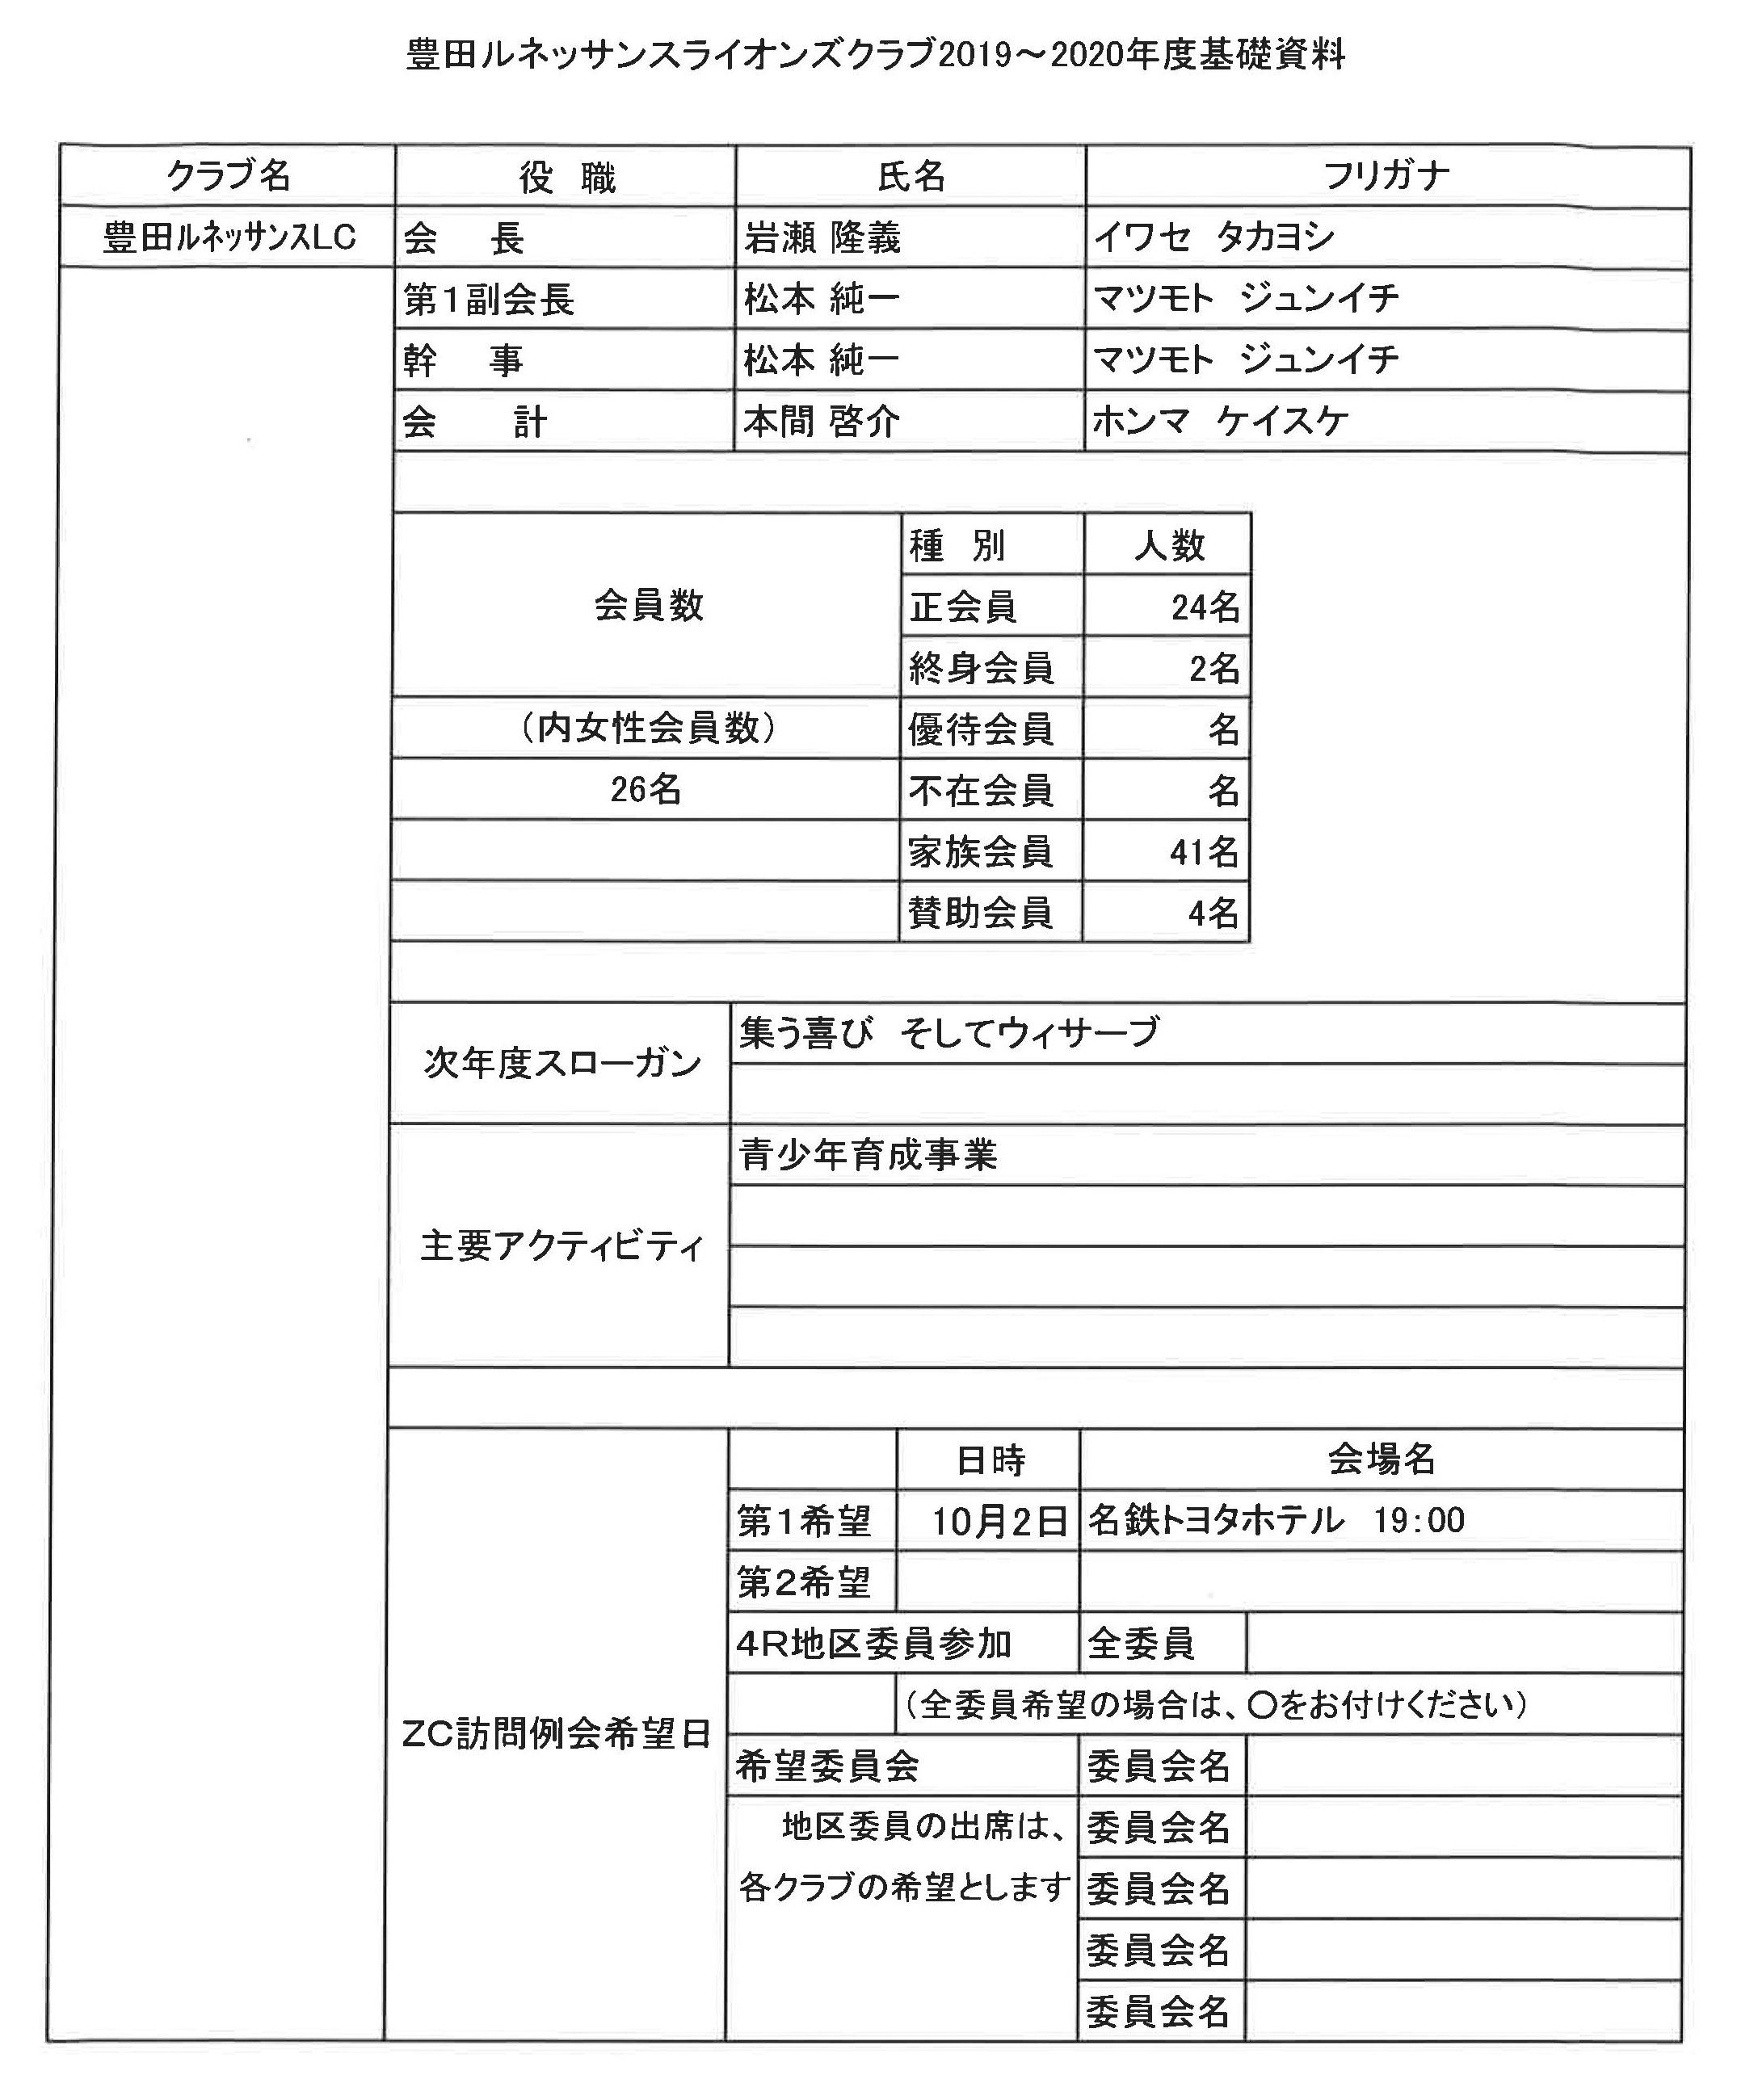 31準備ゾーン会議 豊田ルネッサンスLC今年度資料1